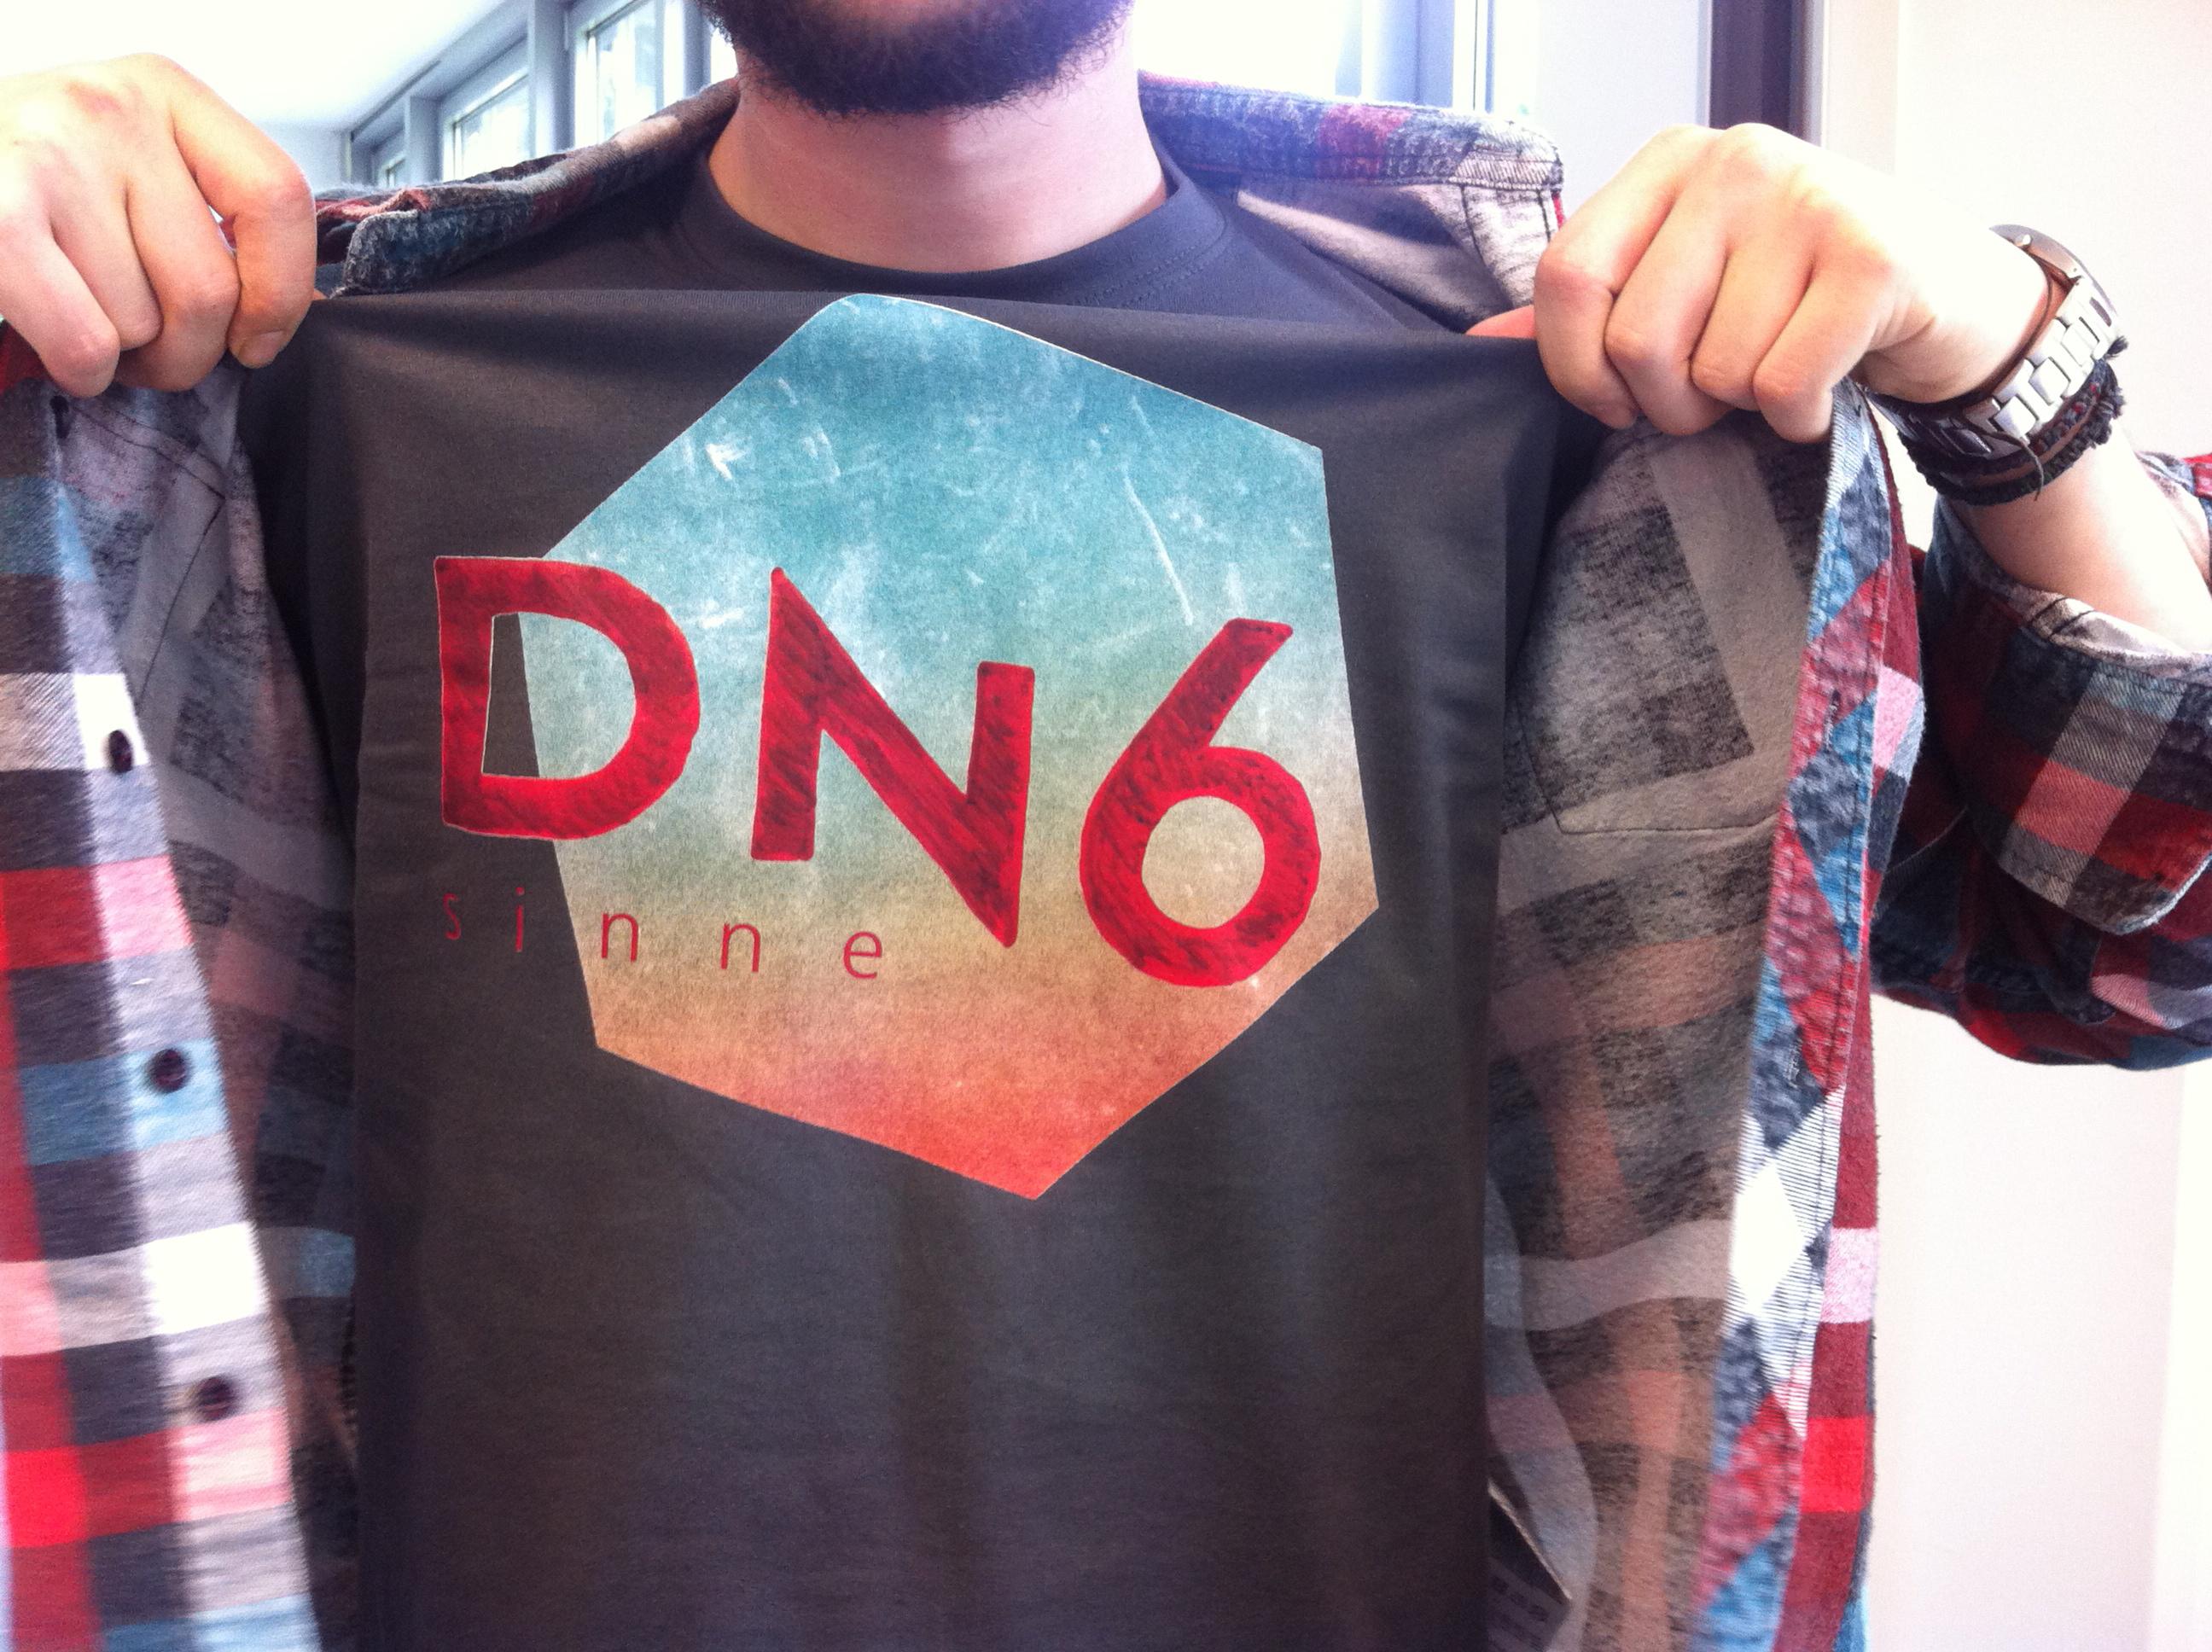 DN6 Sinne – überall